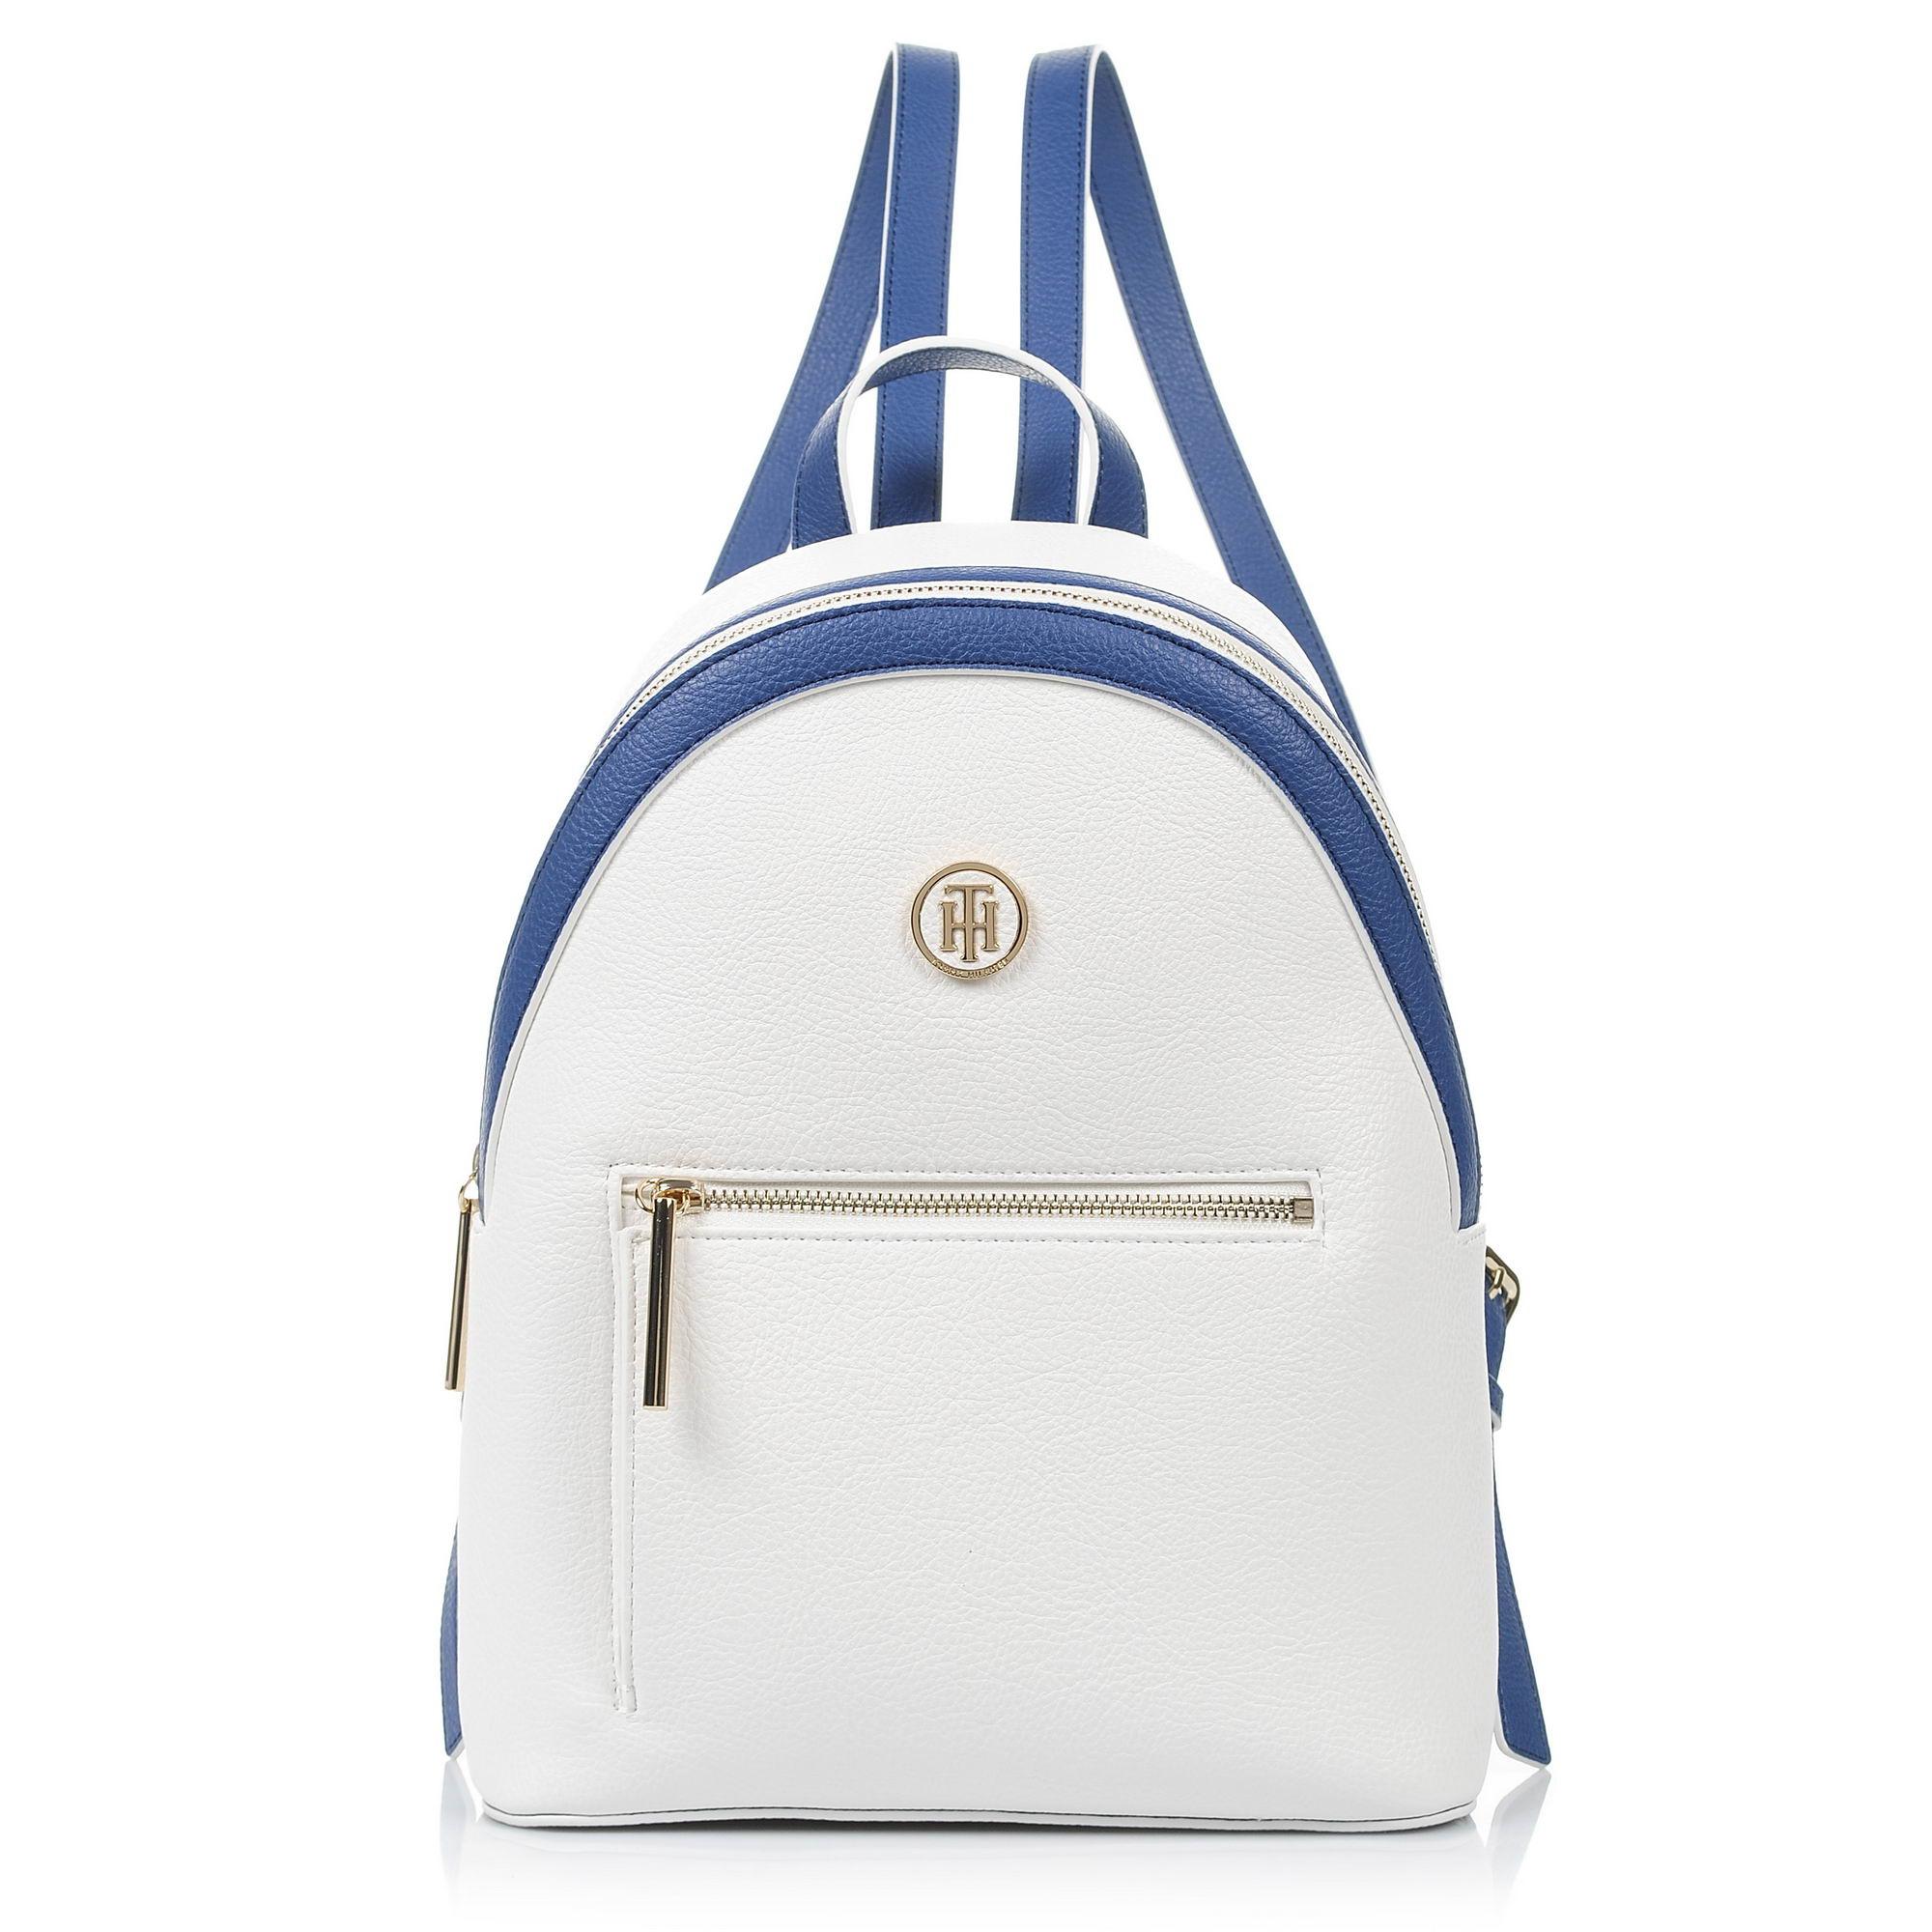 Σακίδιο Πλάτης Tommy Hilfiger Core Mini Backpack W05122